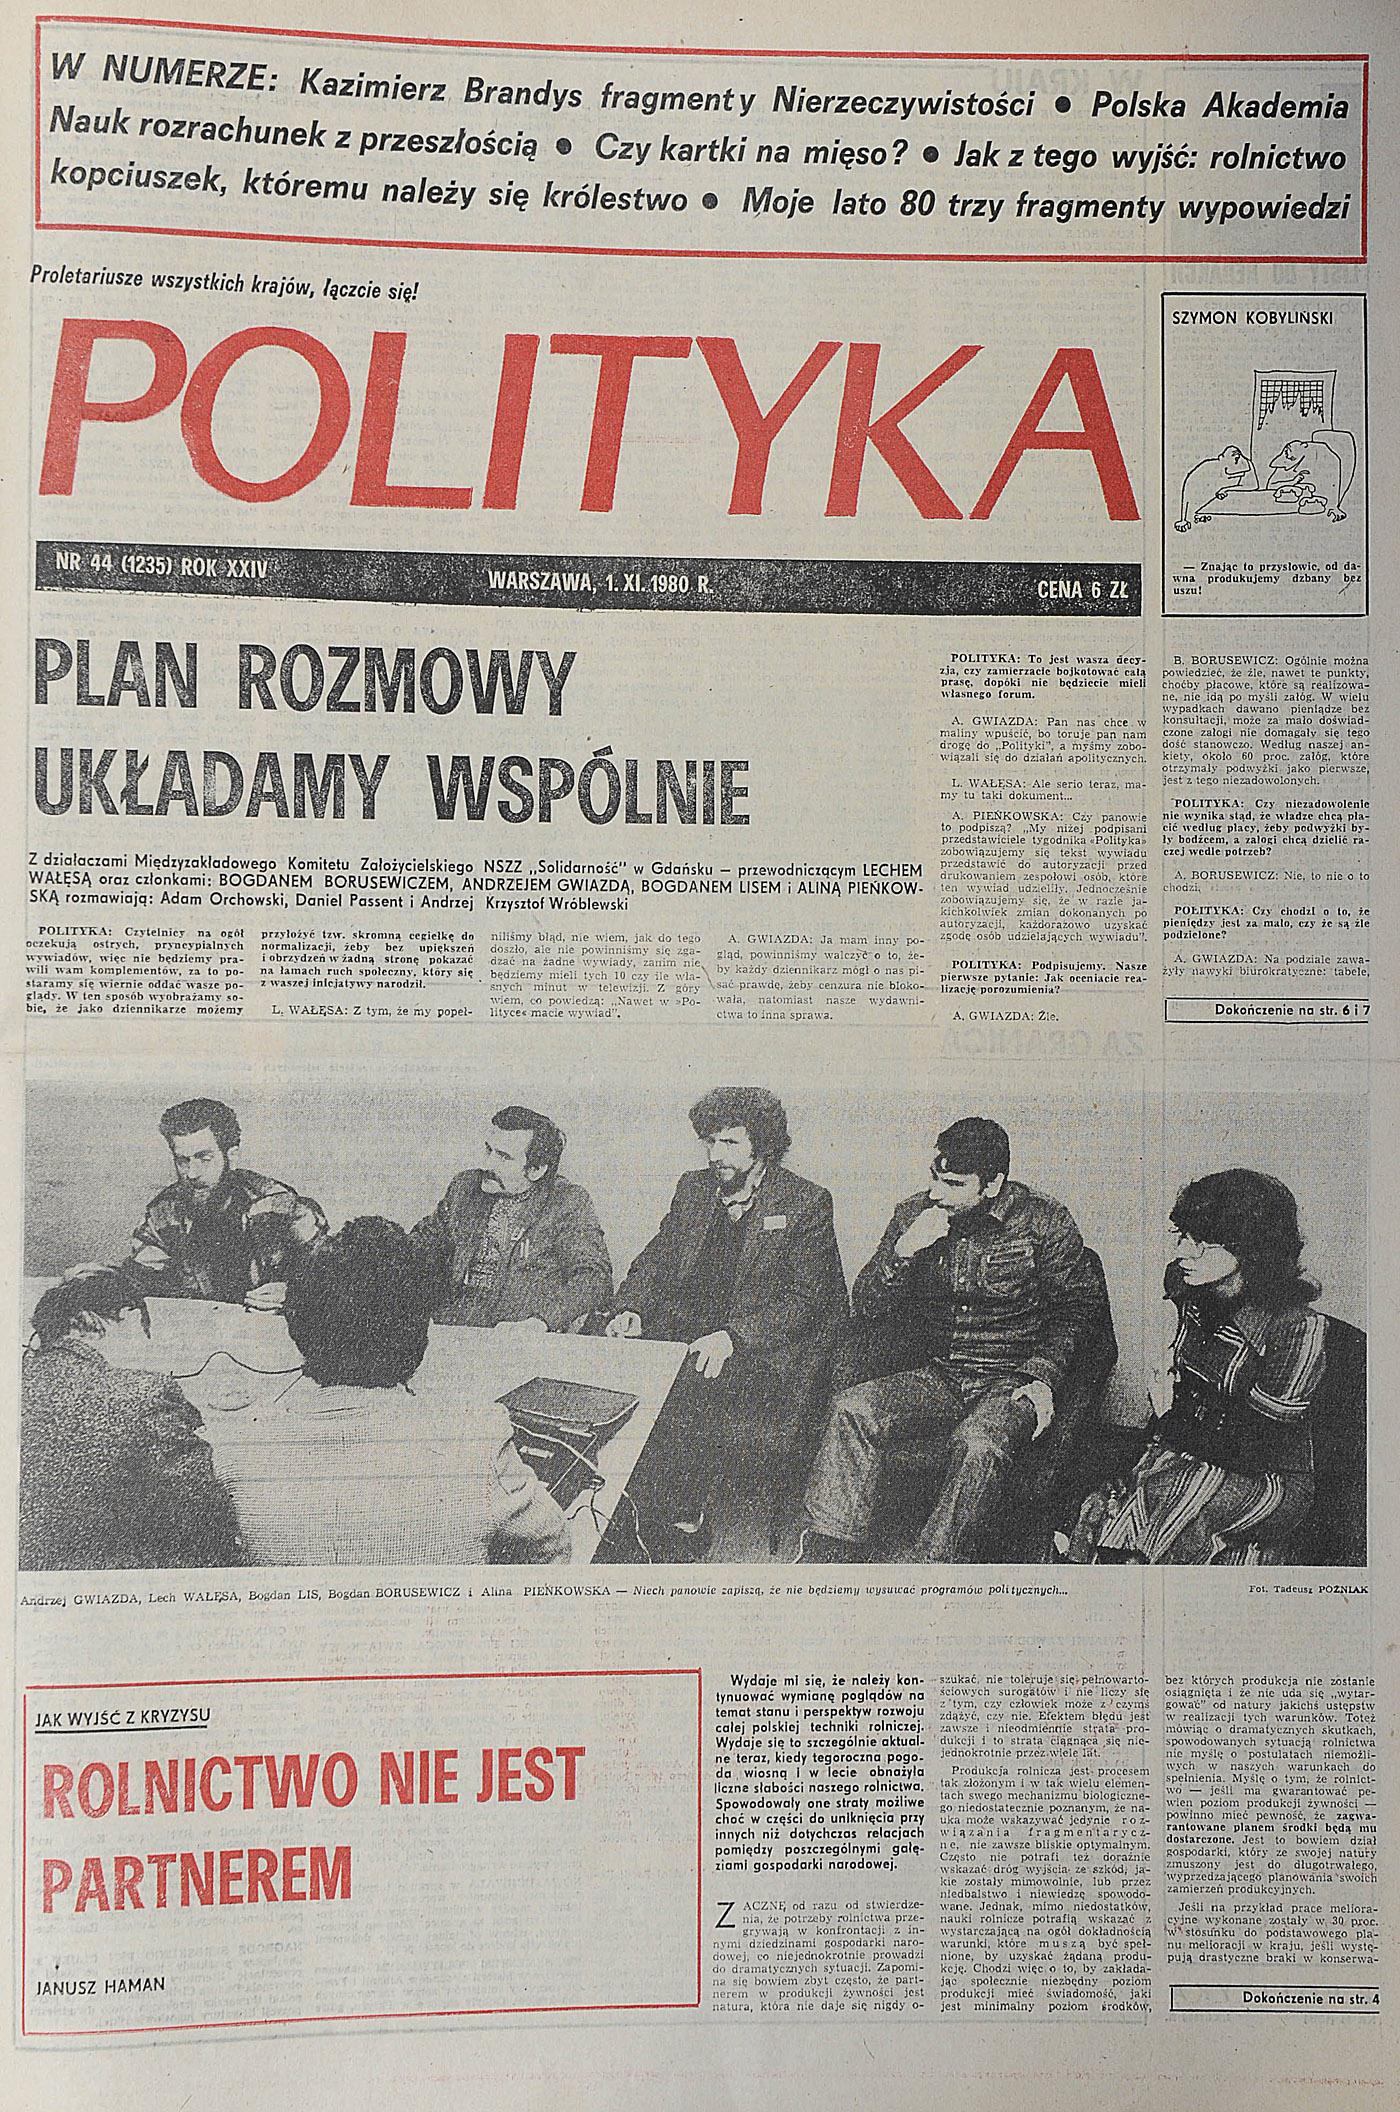 https://www.polityka.pl/download/polityka_1980/1980_polityka_str_1.jpg